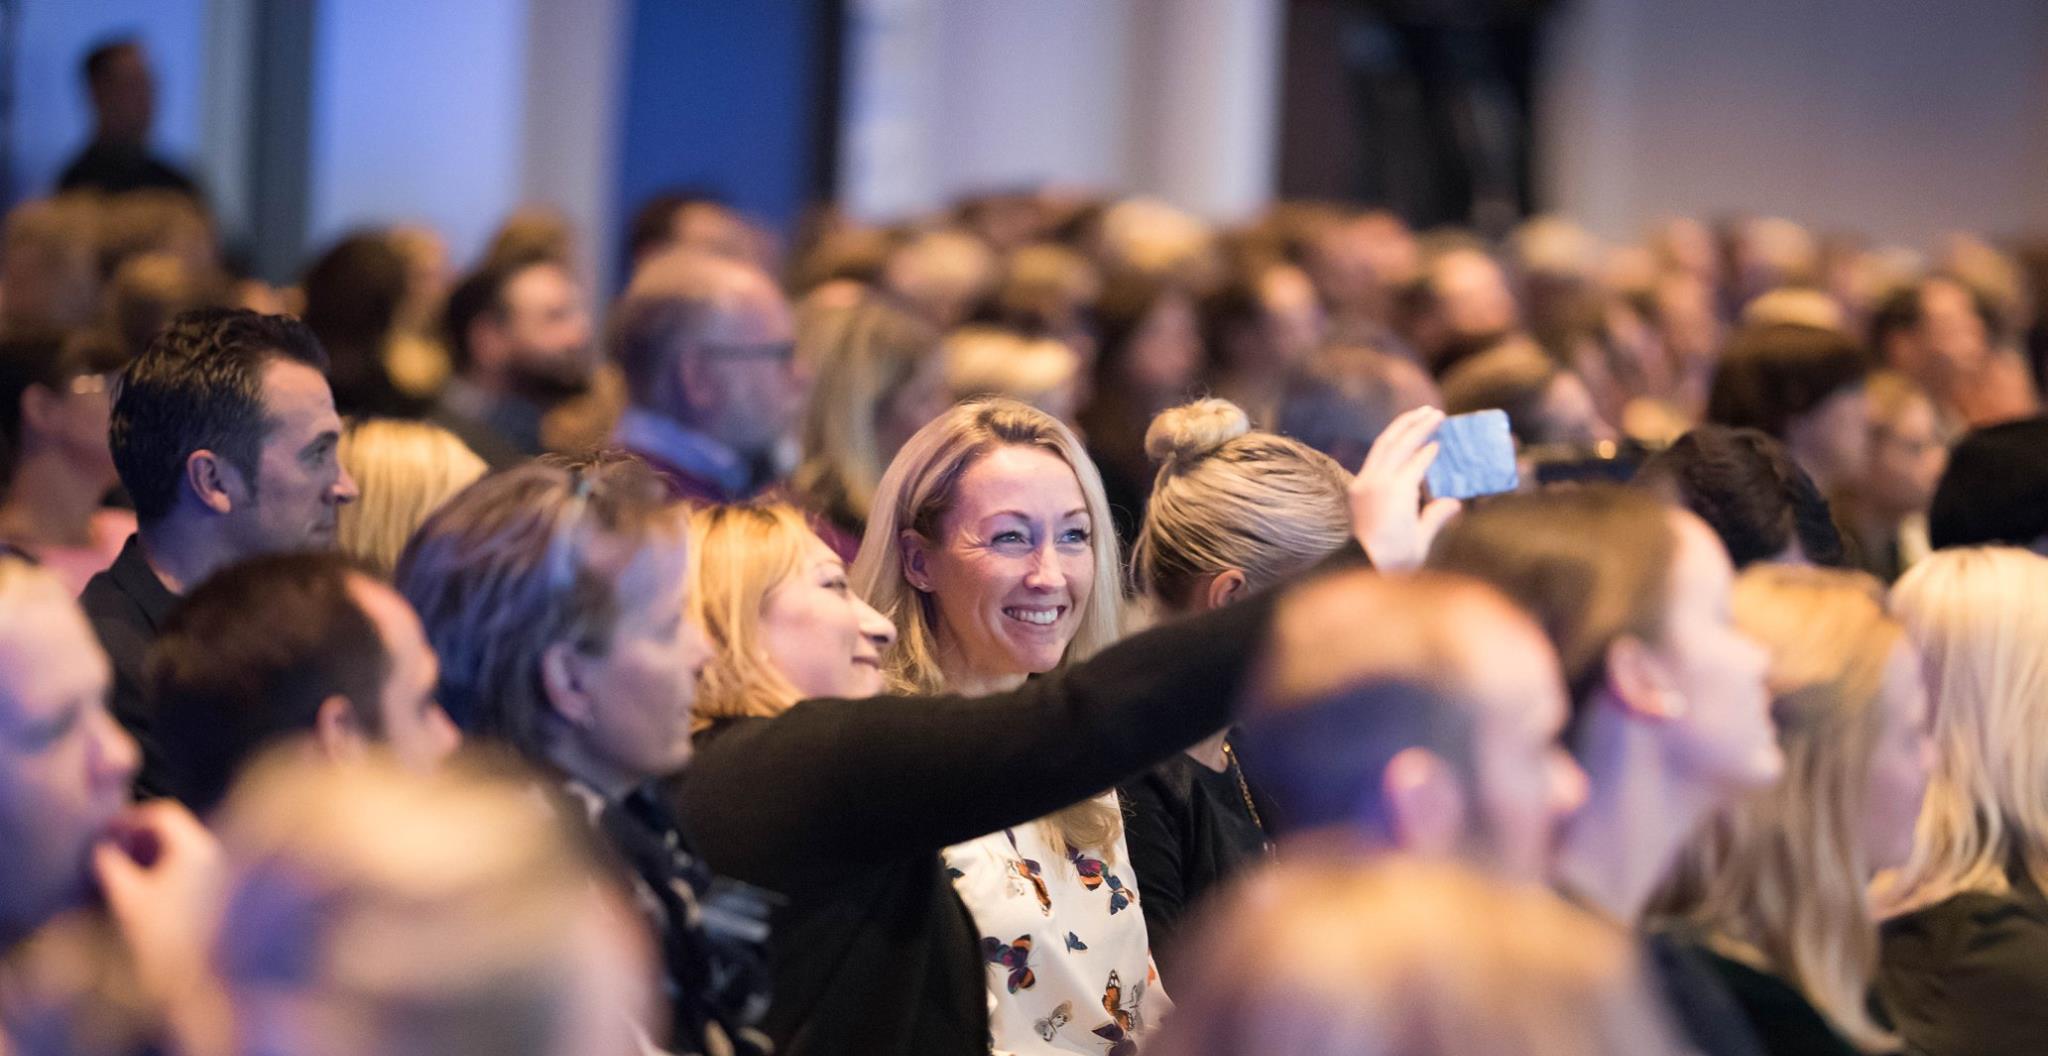 Konferensen internet i fokus hålls den 24 oktober